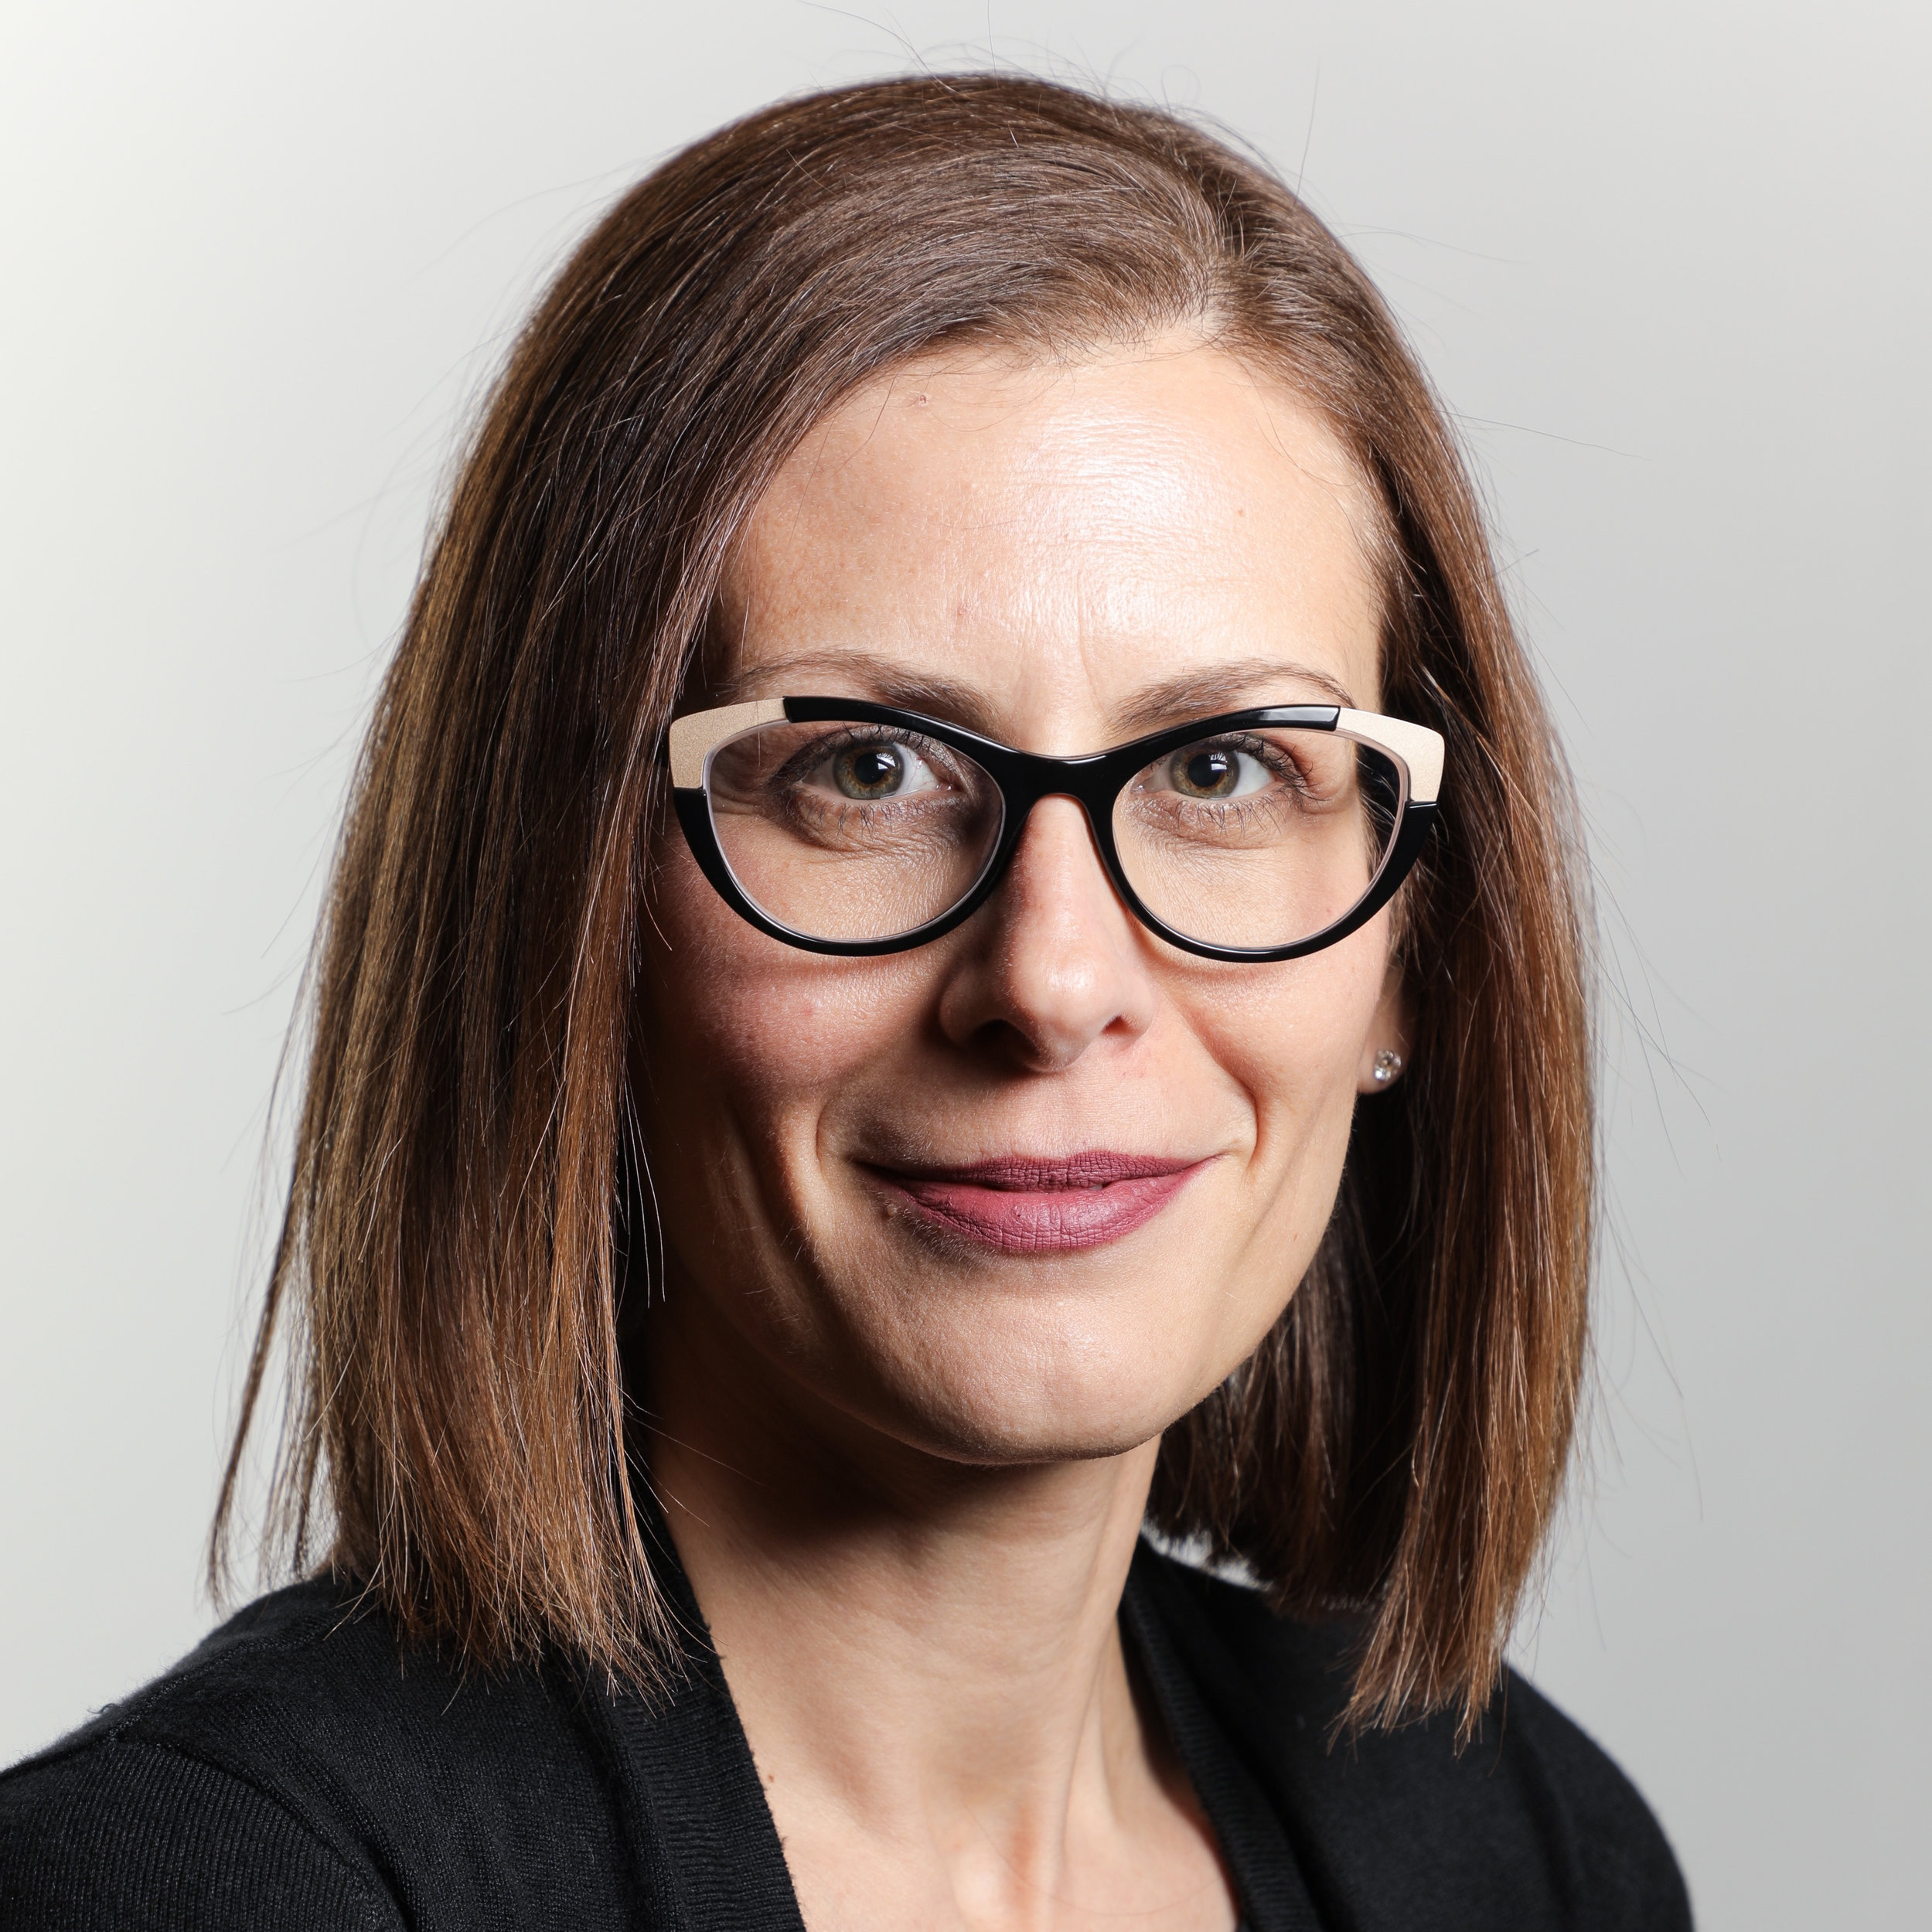 Dr. Elisa Fiorentino